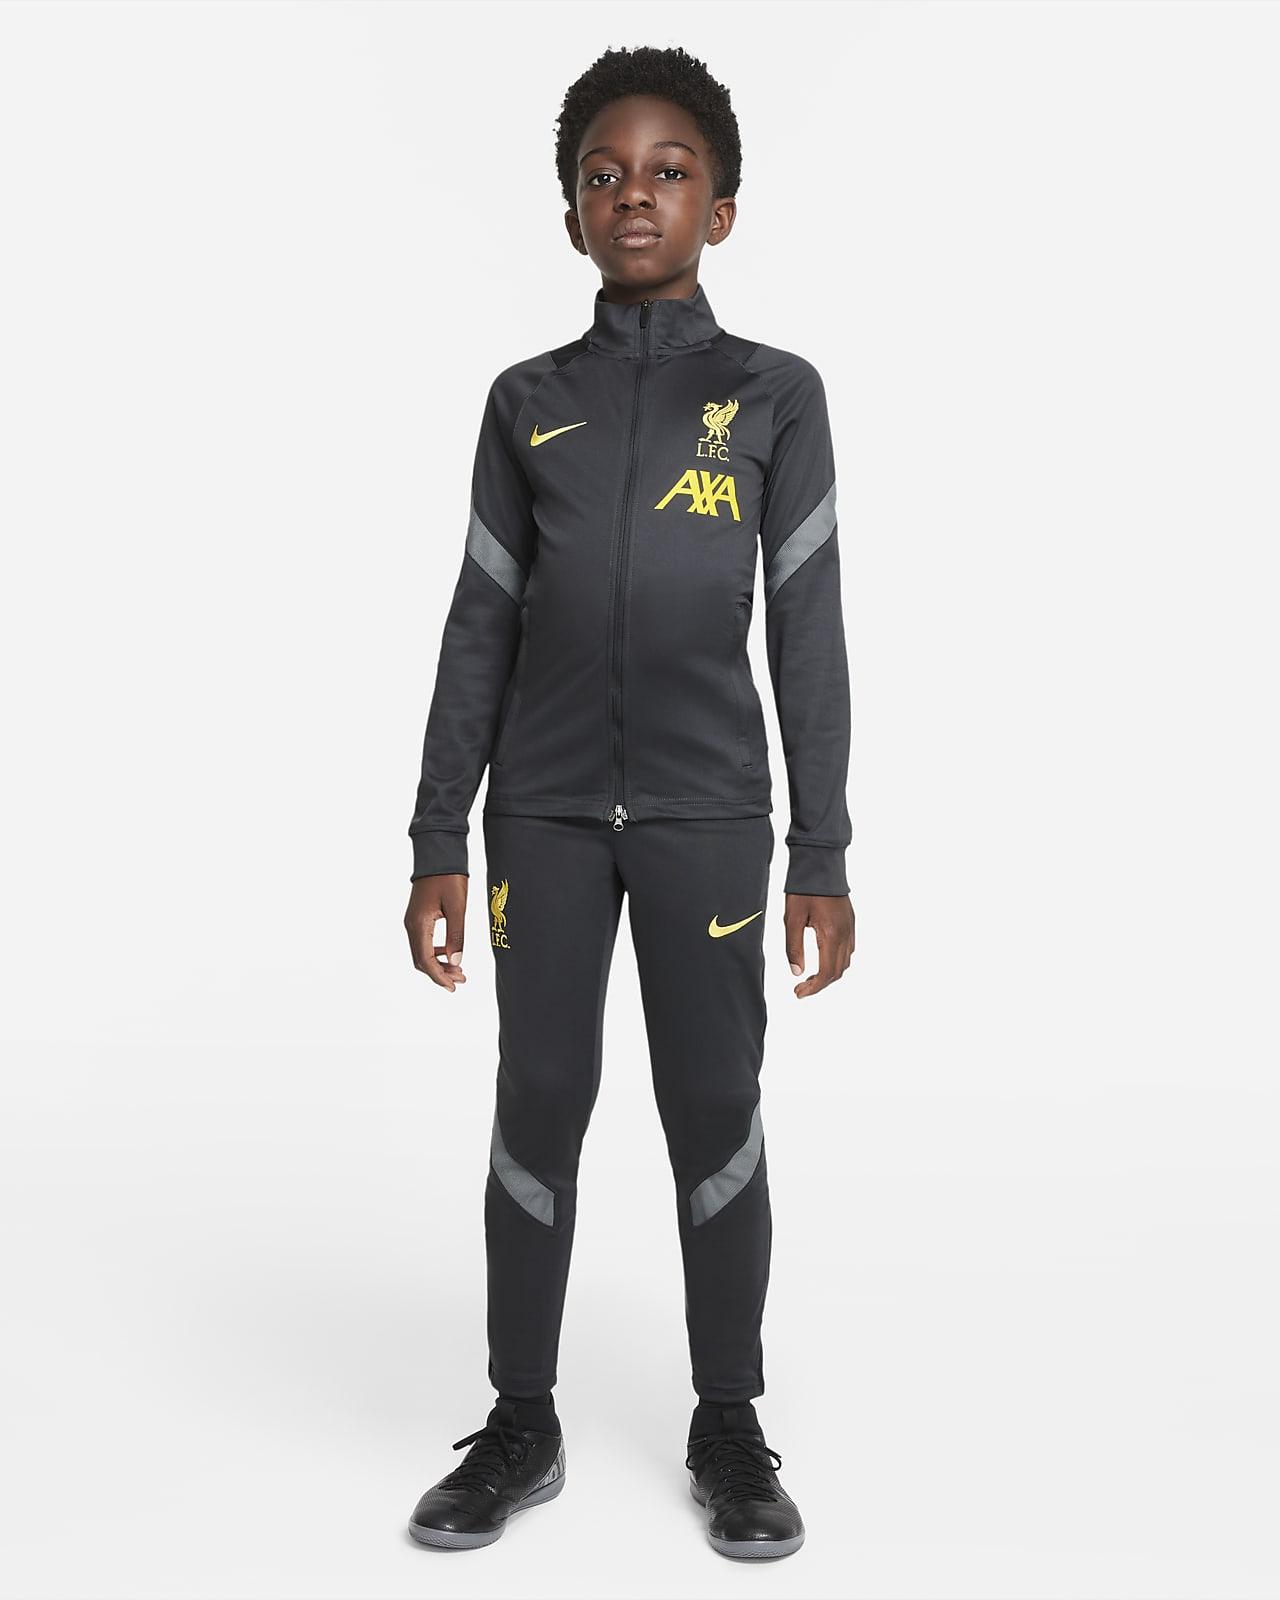 Liverpool FC Strike Xandall de teixit Knit Nike Dri-FIT de futbol - Nen/a